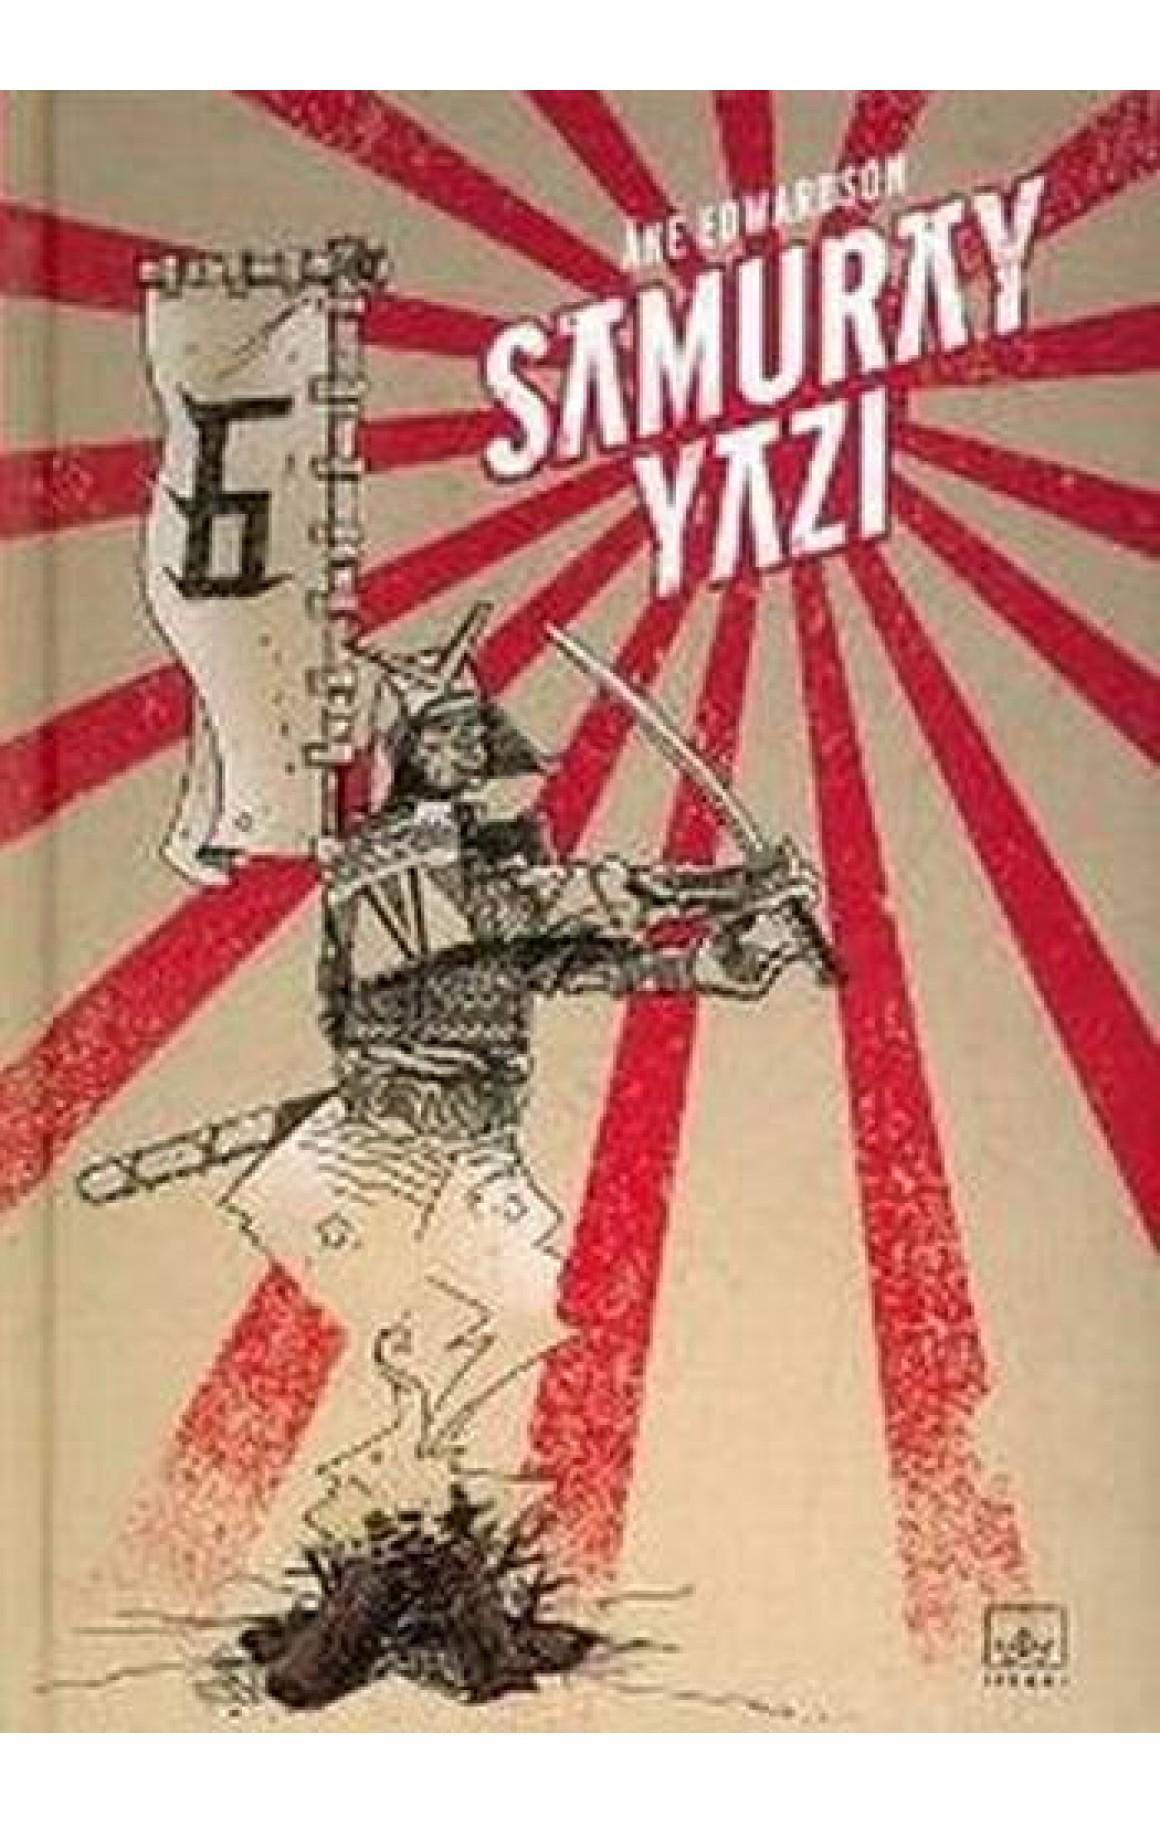 Samuray Yazı - Ciltli Kitap